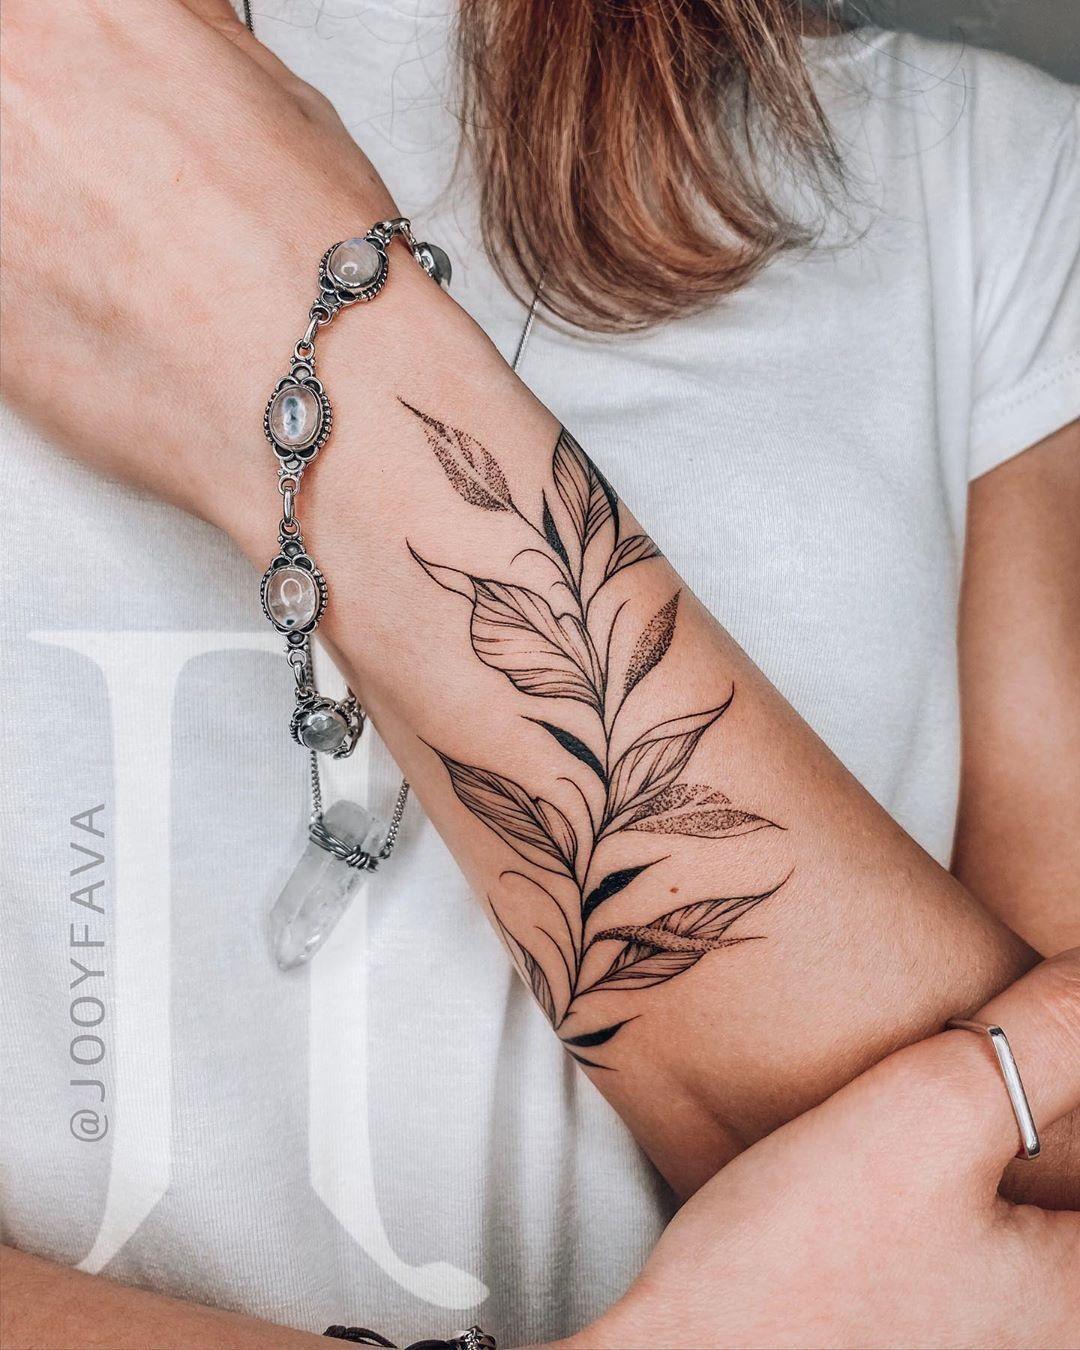 Photo of tatouage #tattoo tatouage masculina #tattoomasculina Tags: #tattooforwomen, #tattooideas,